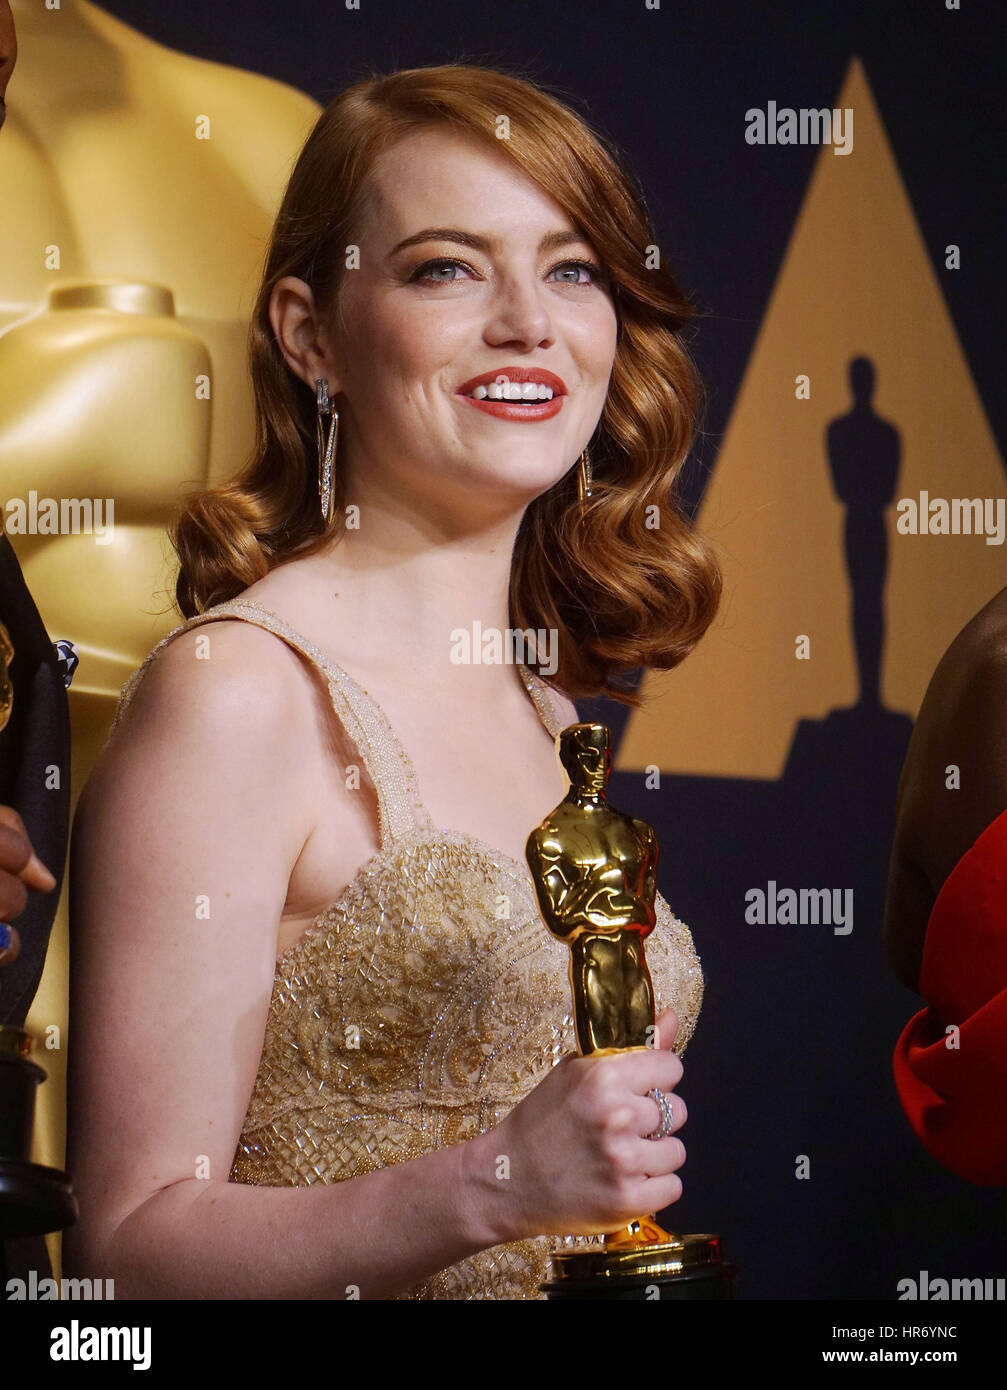 La pietra della Emma 304 89Academy Awards ( Oscar ), premere camera presso il Dolby Theatre di Los Angeles. Febbraio Immagini Stock